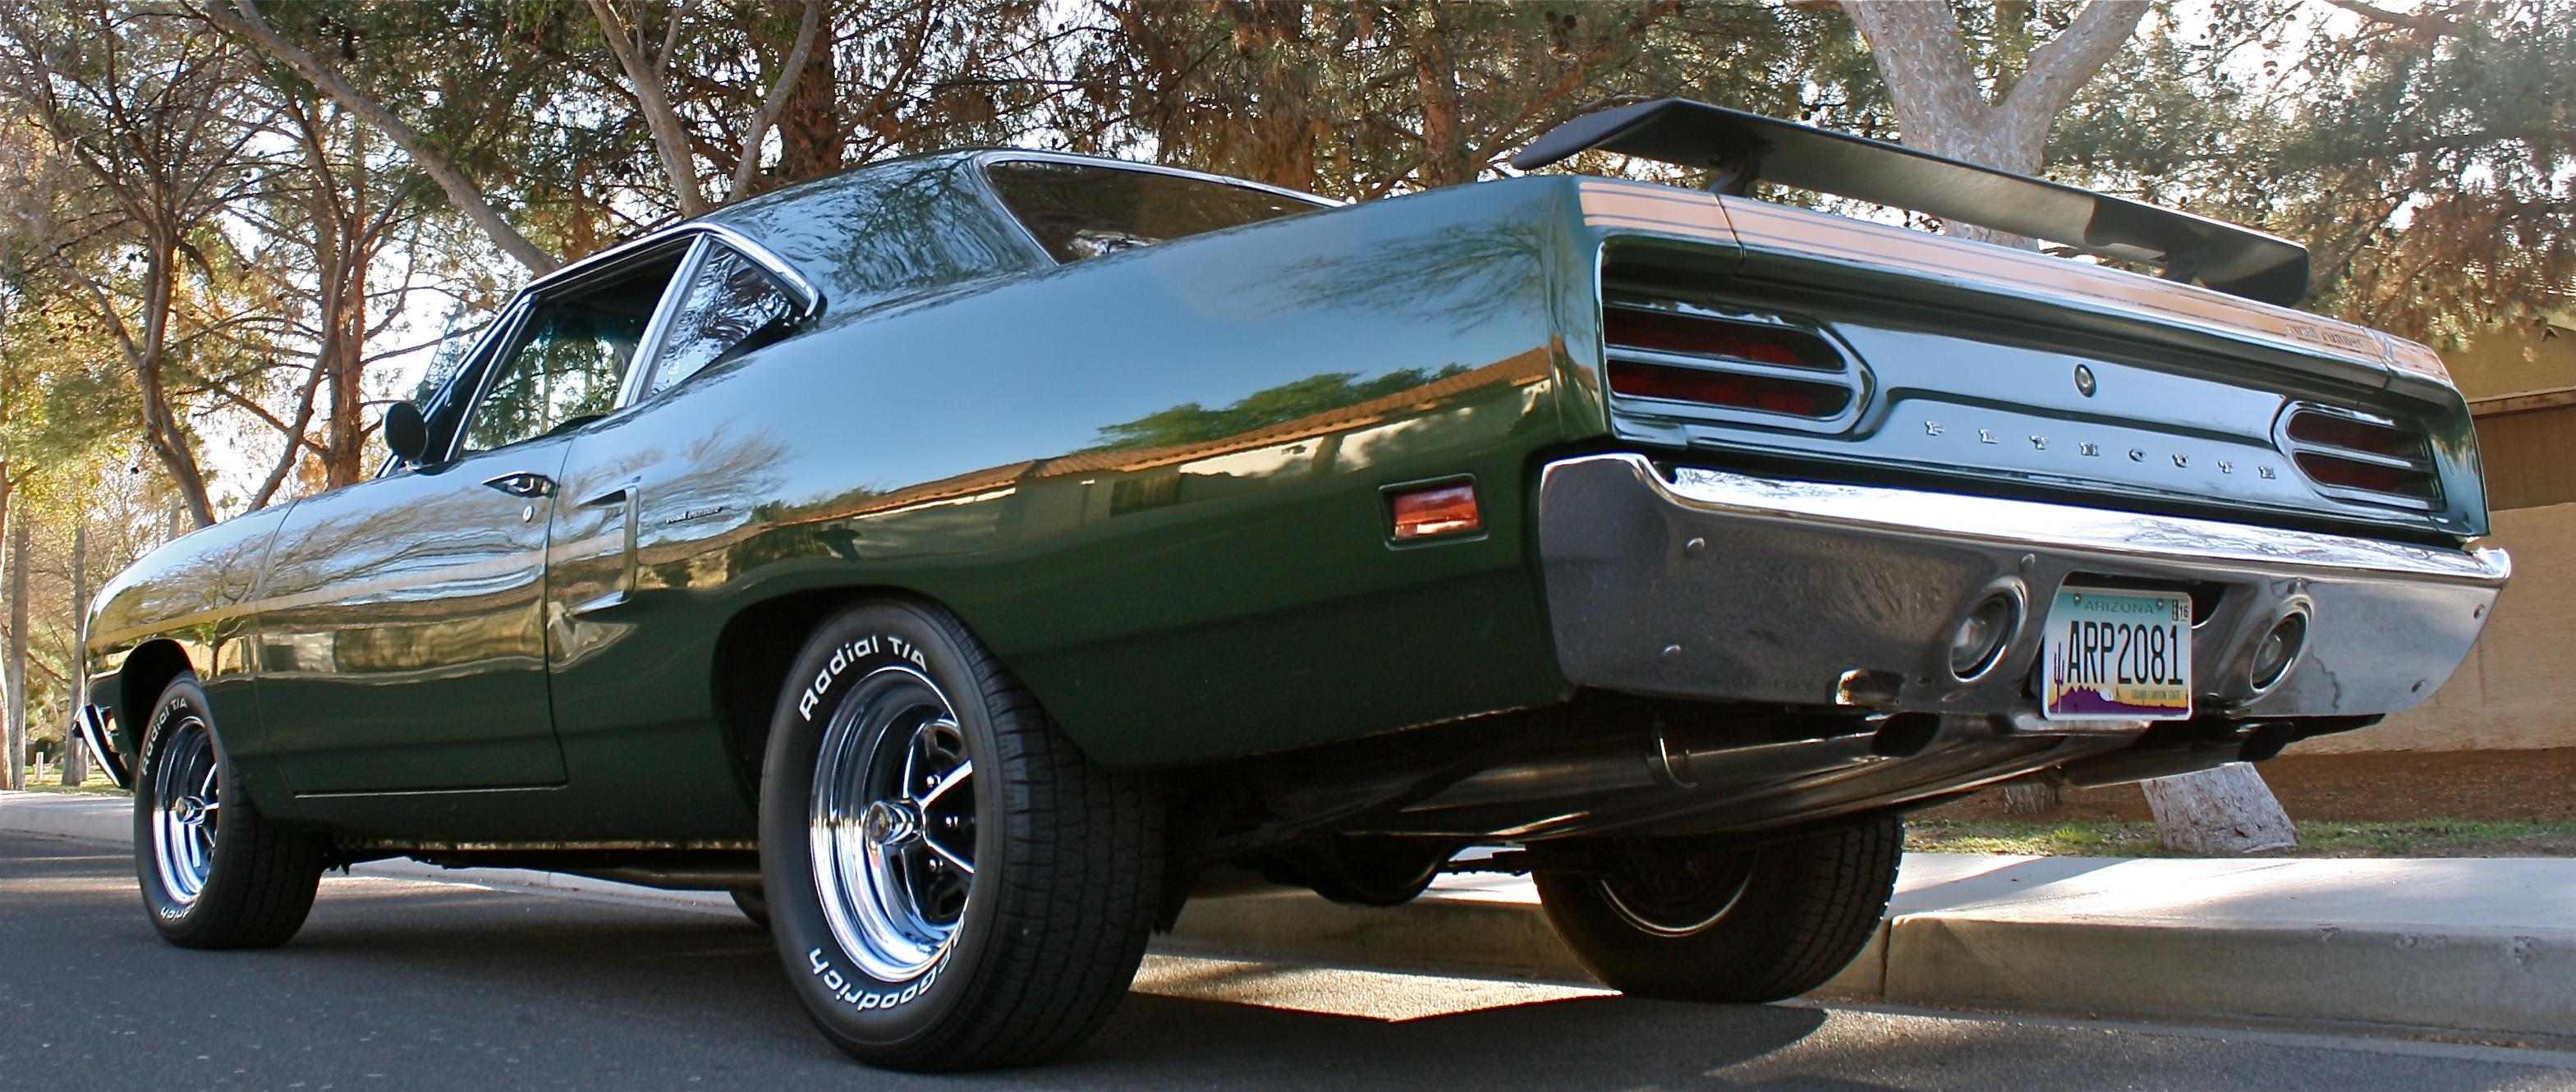 1970 Plymouth Roadrunner Green Hornet 3